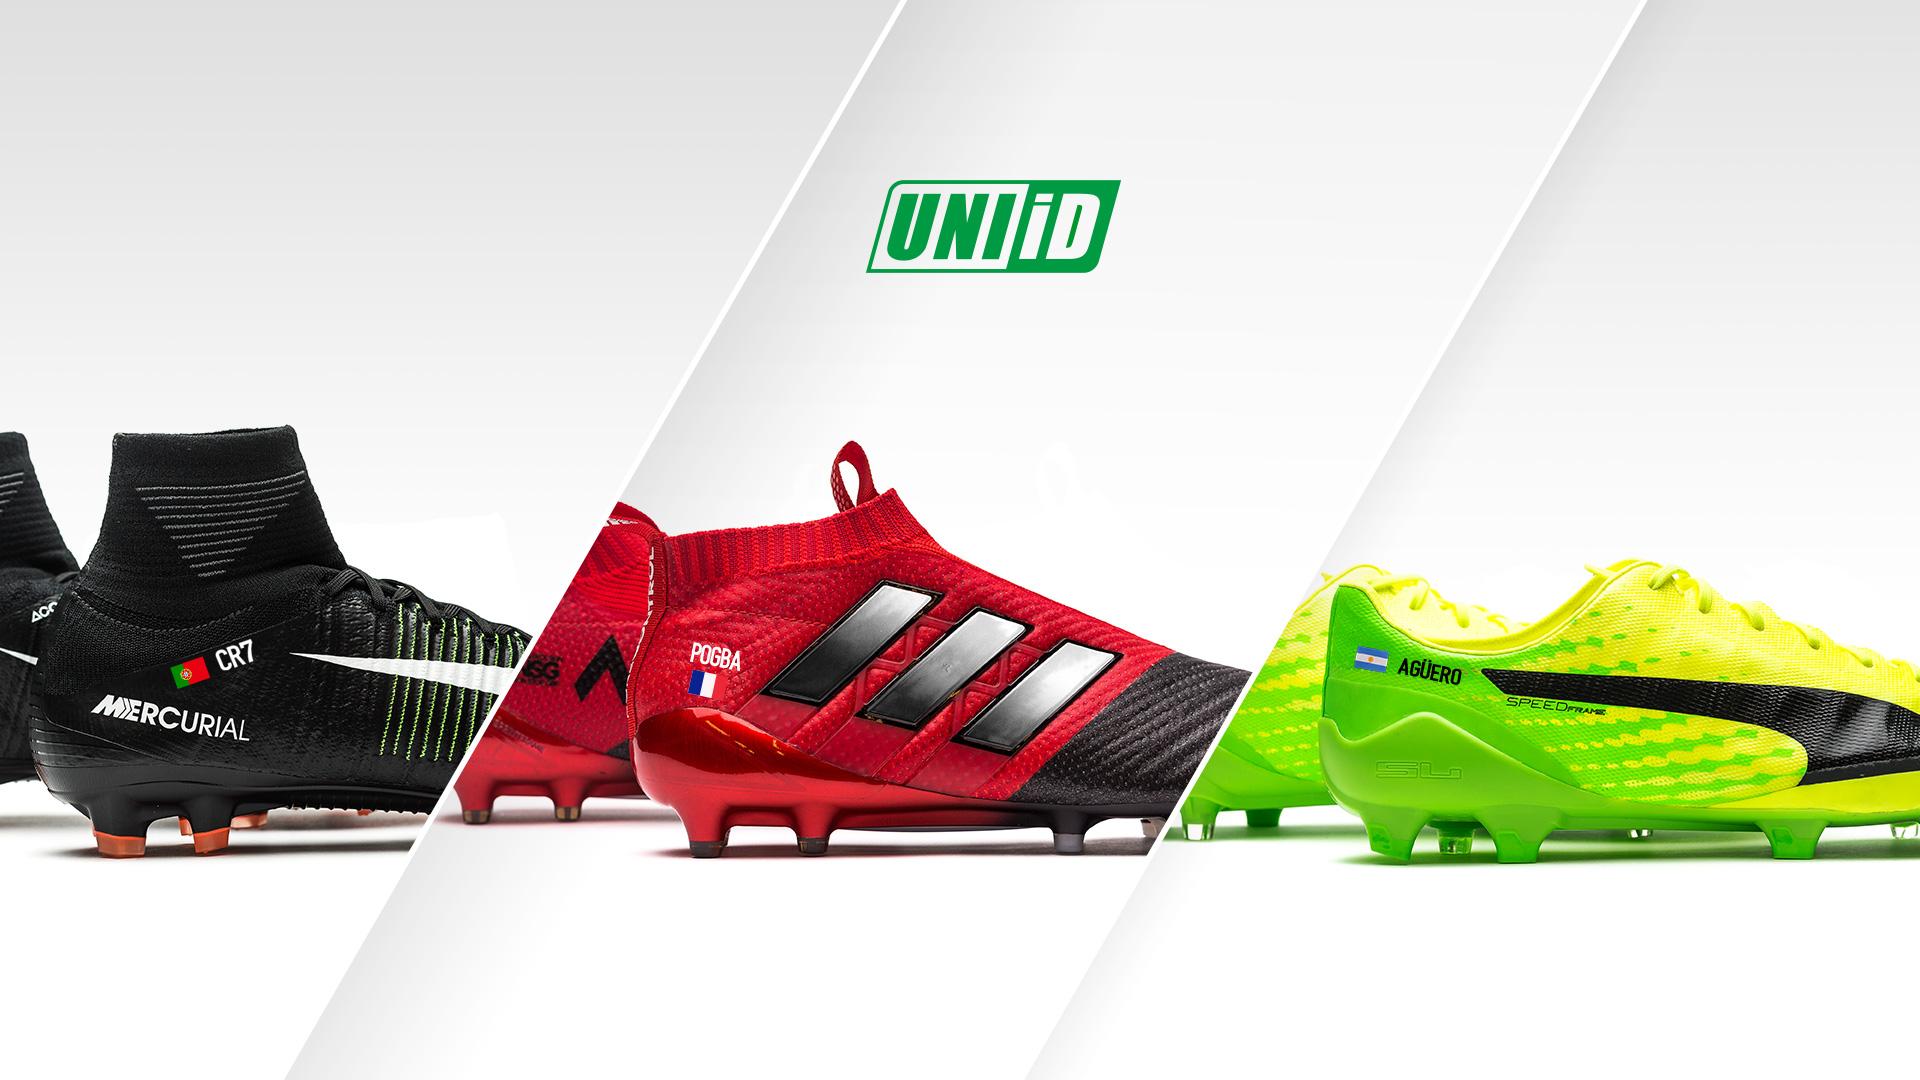 order online high quality classic shoes Personnalisez vos chaussures de foot avec Unisport